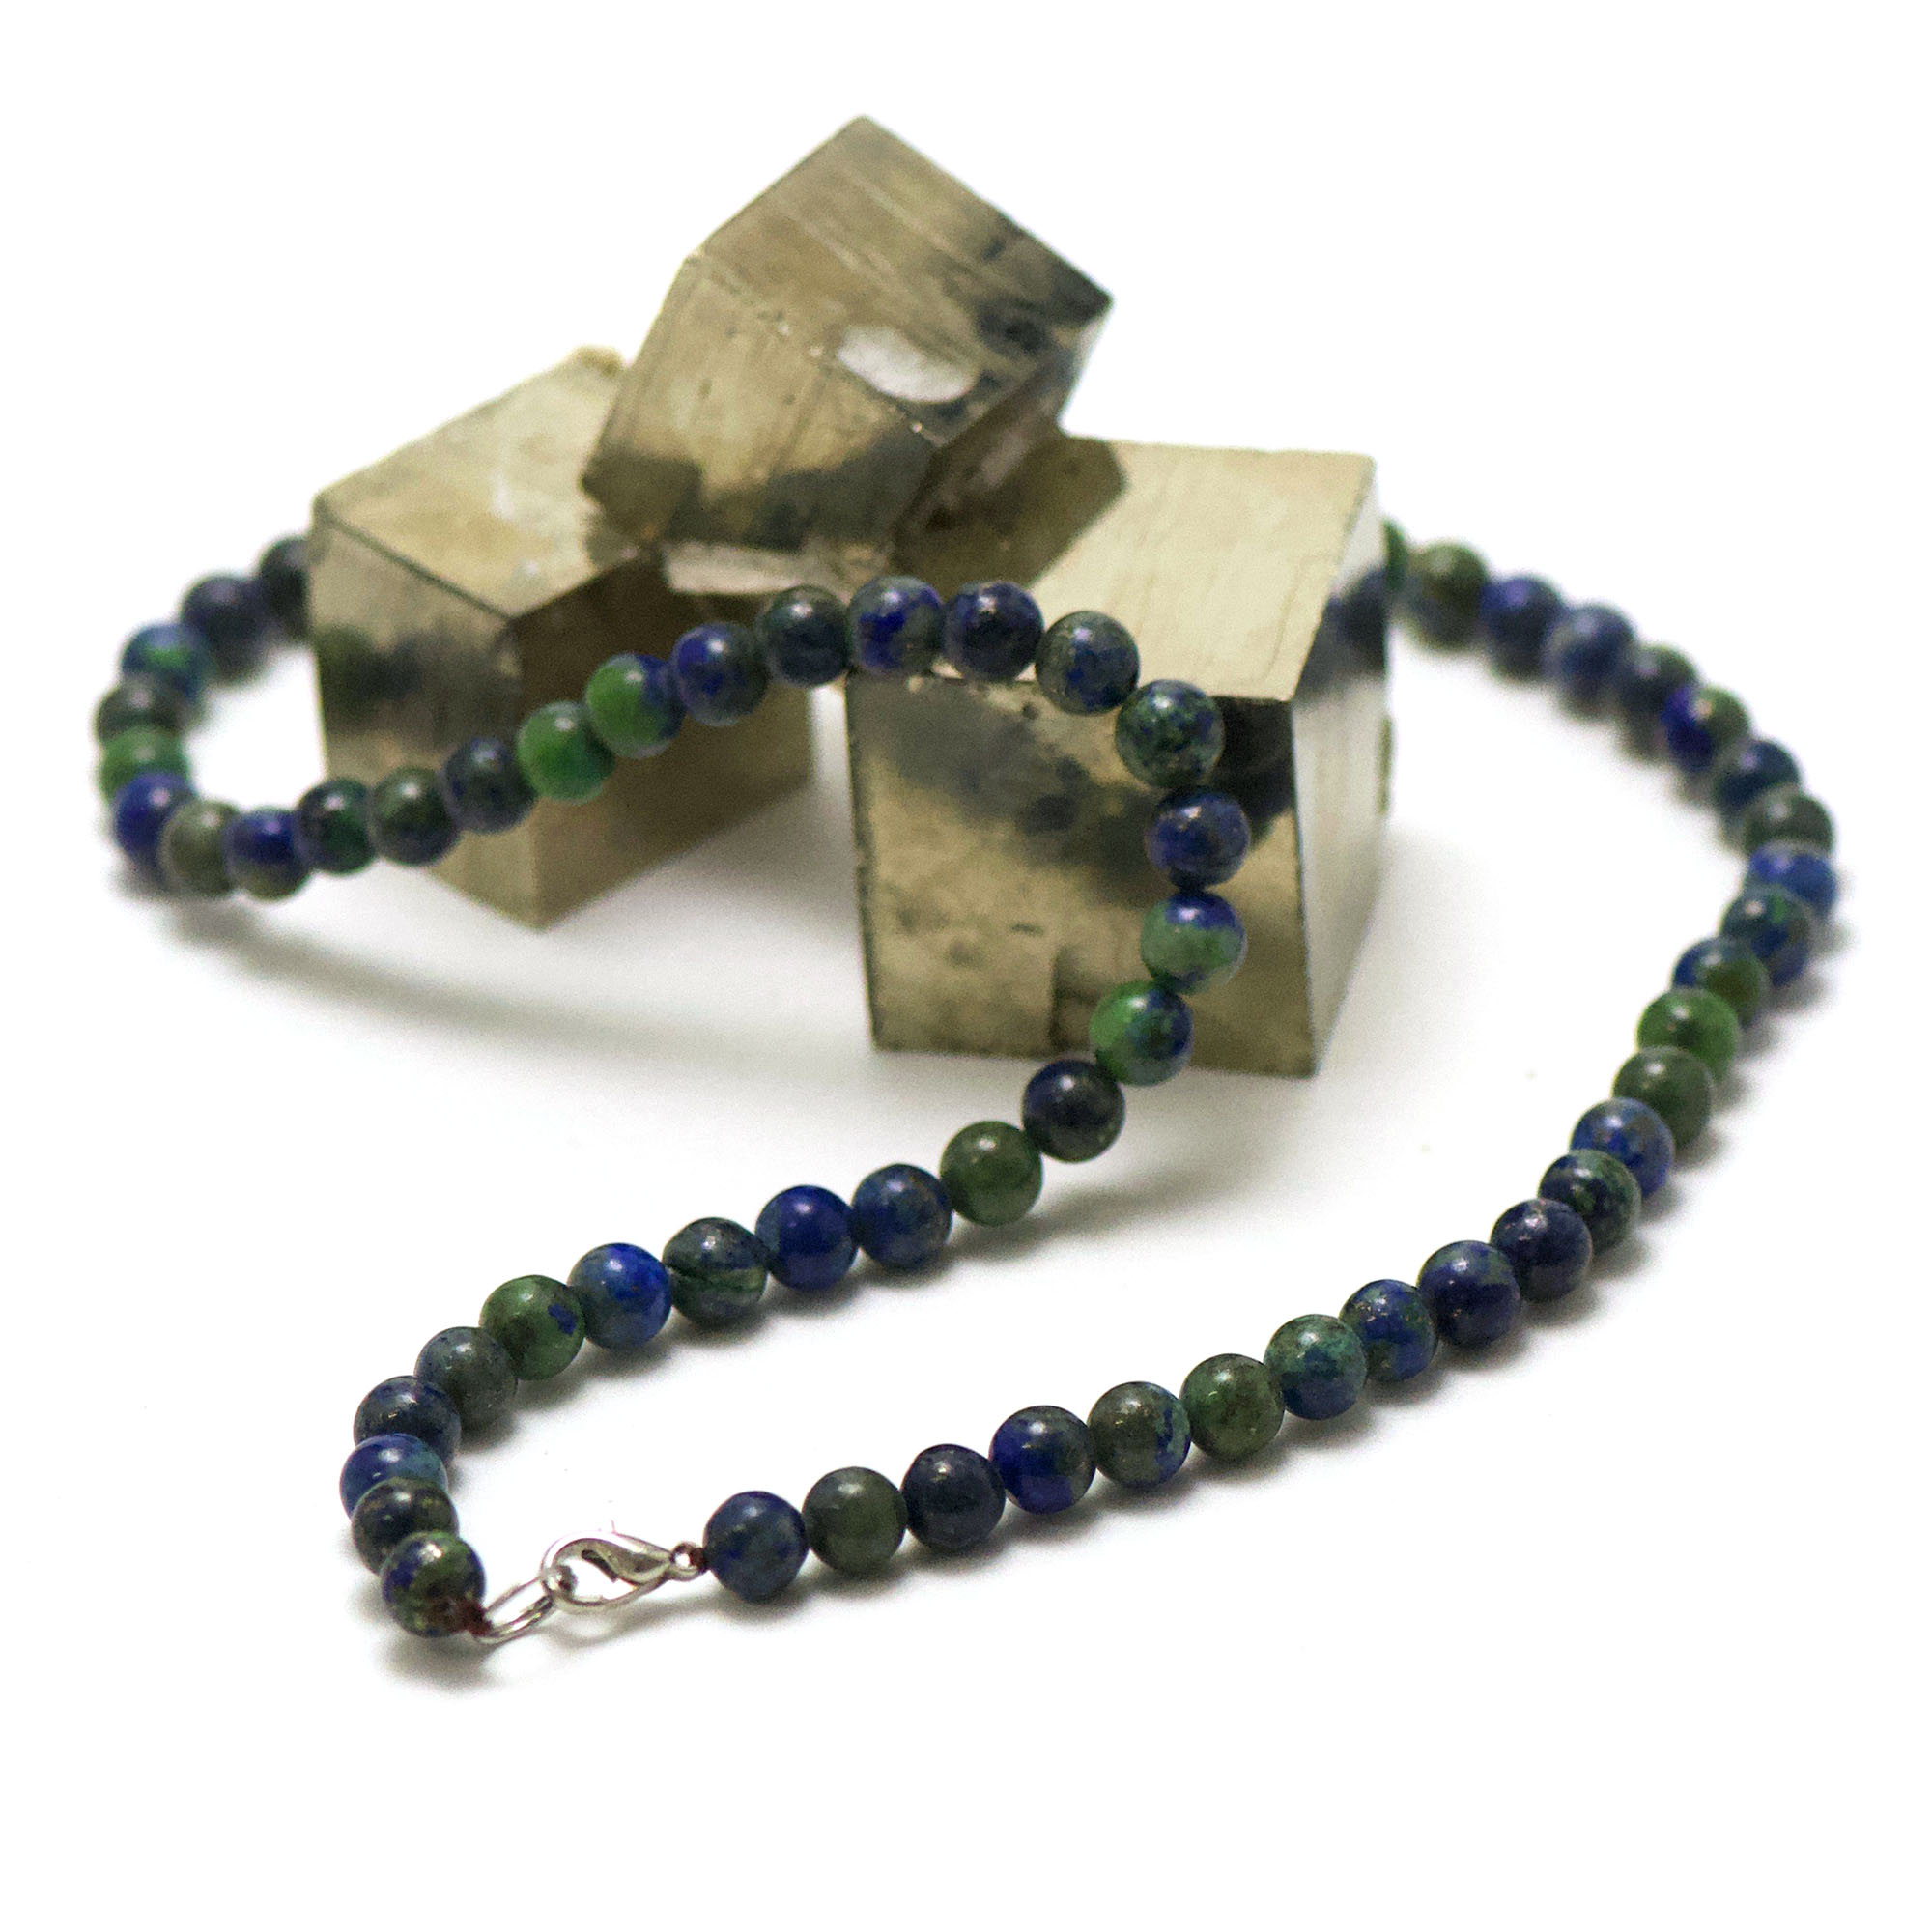 collier azurite-malachite perle ronde 6 mm